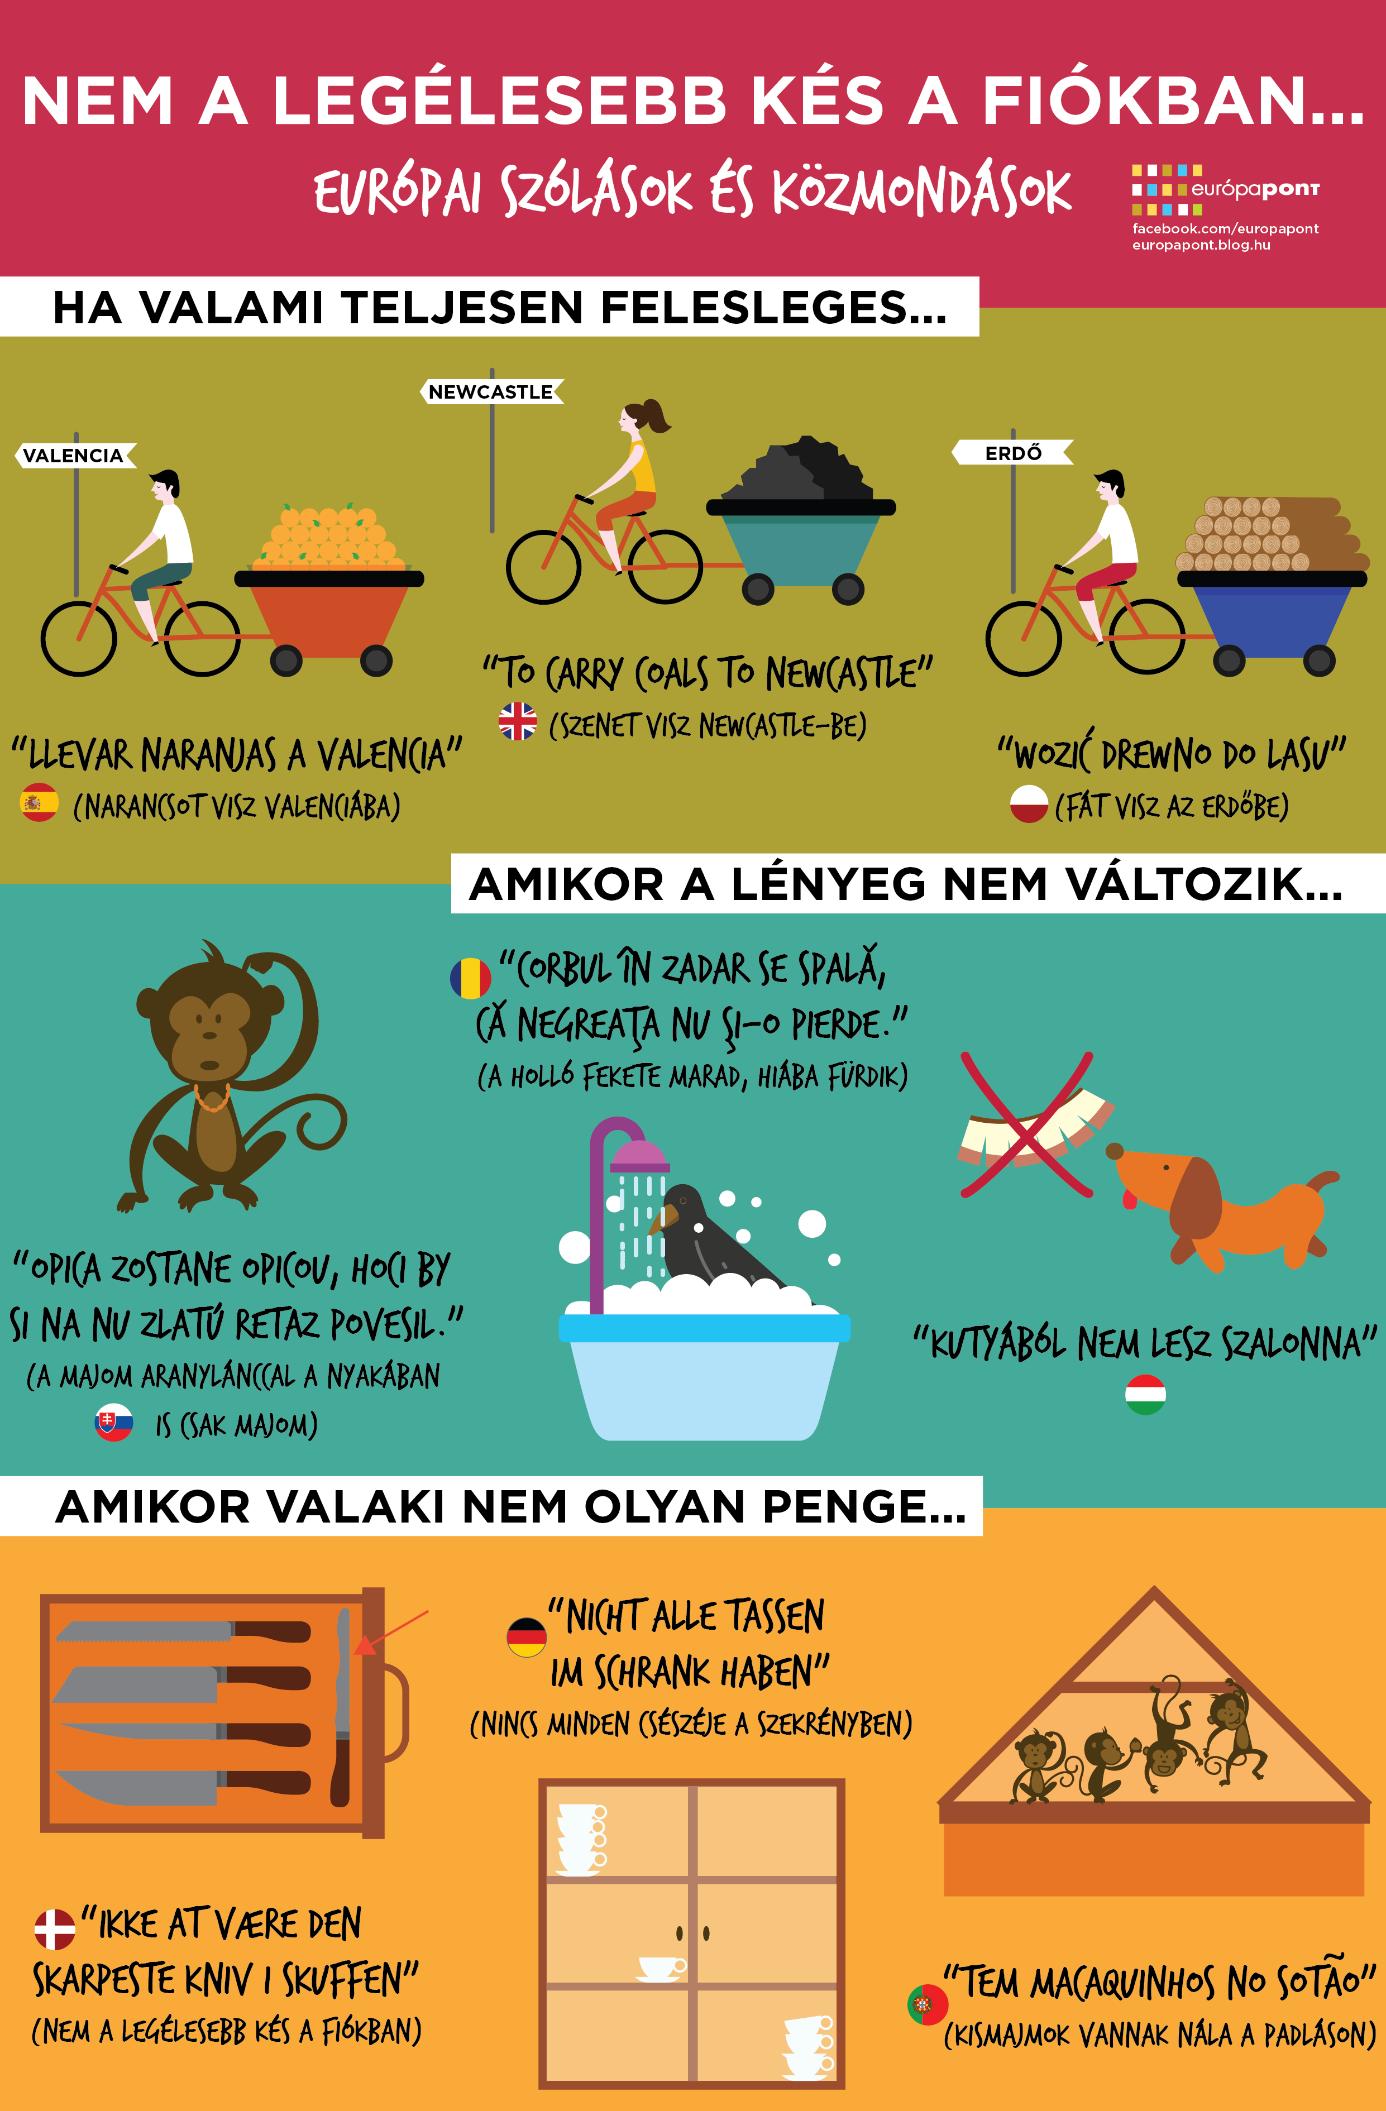 europai_nyelvek_szolasok.png